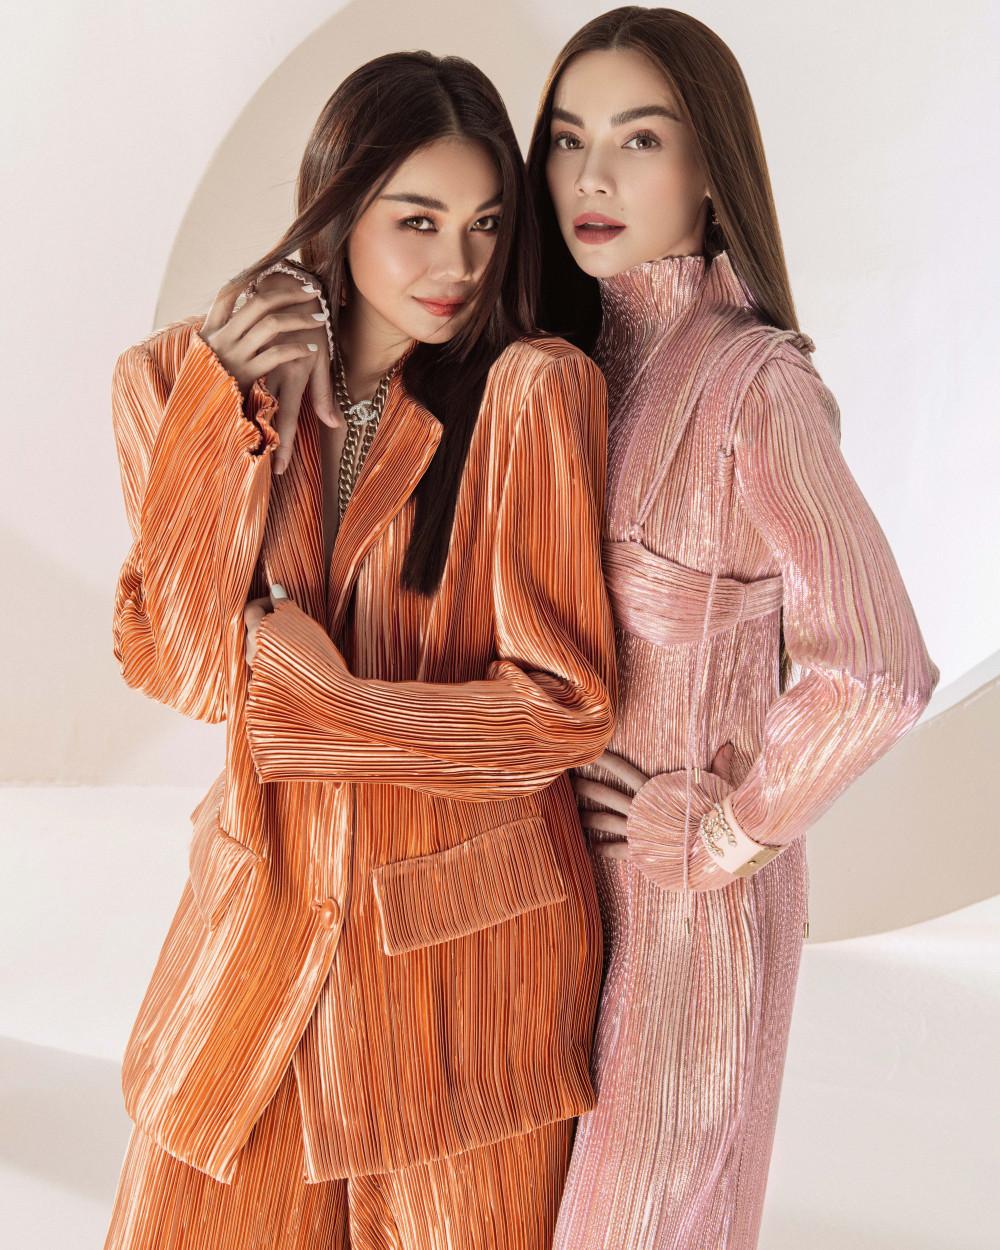 Đầu năm mới, hai người đẹp chọn diện những màu sắc tươi tắn, rực rỡ.